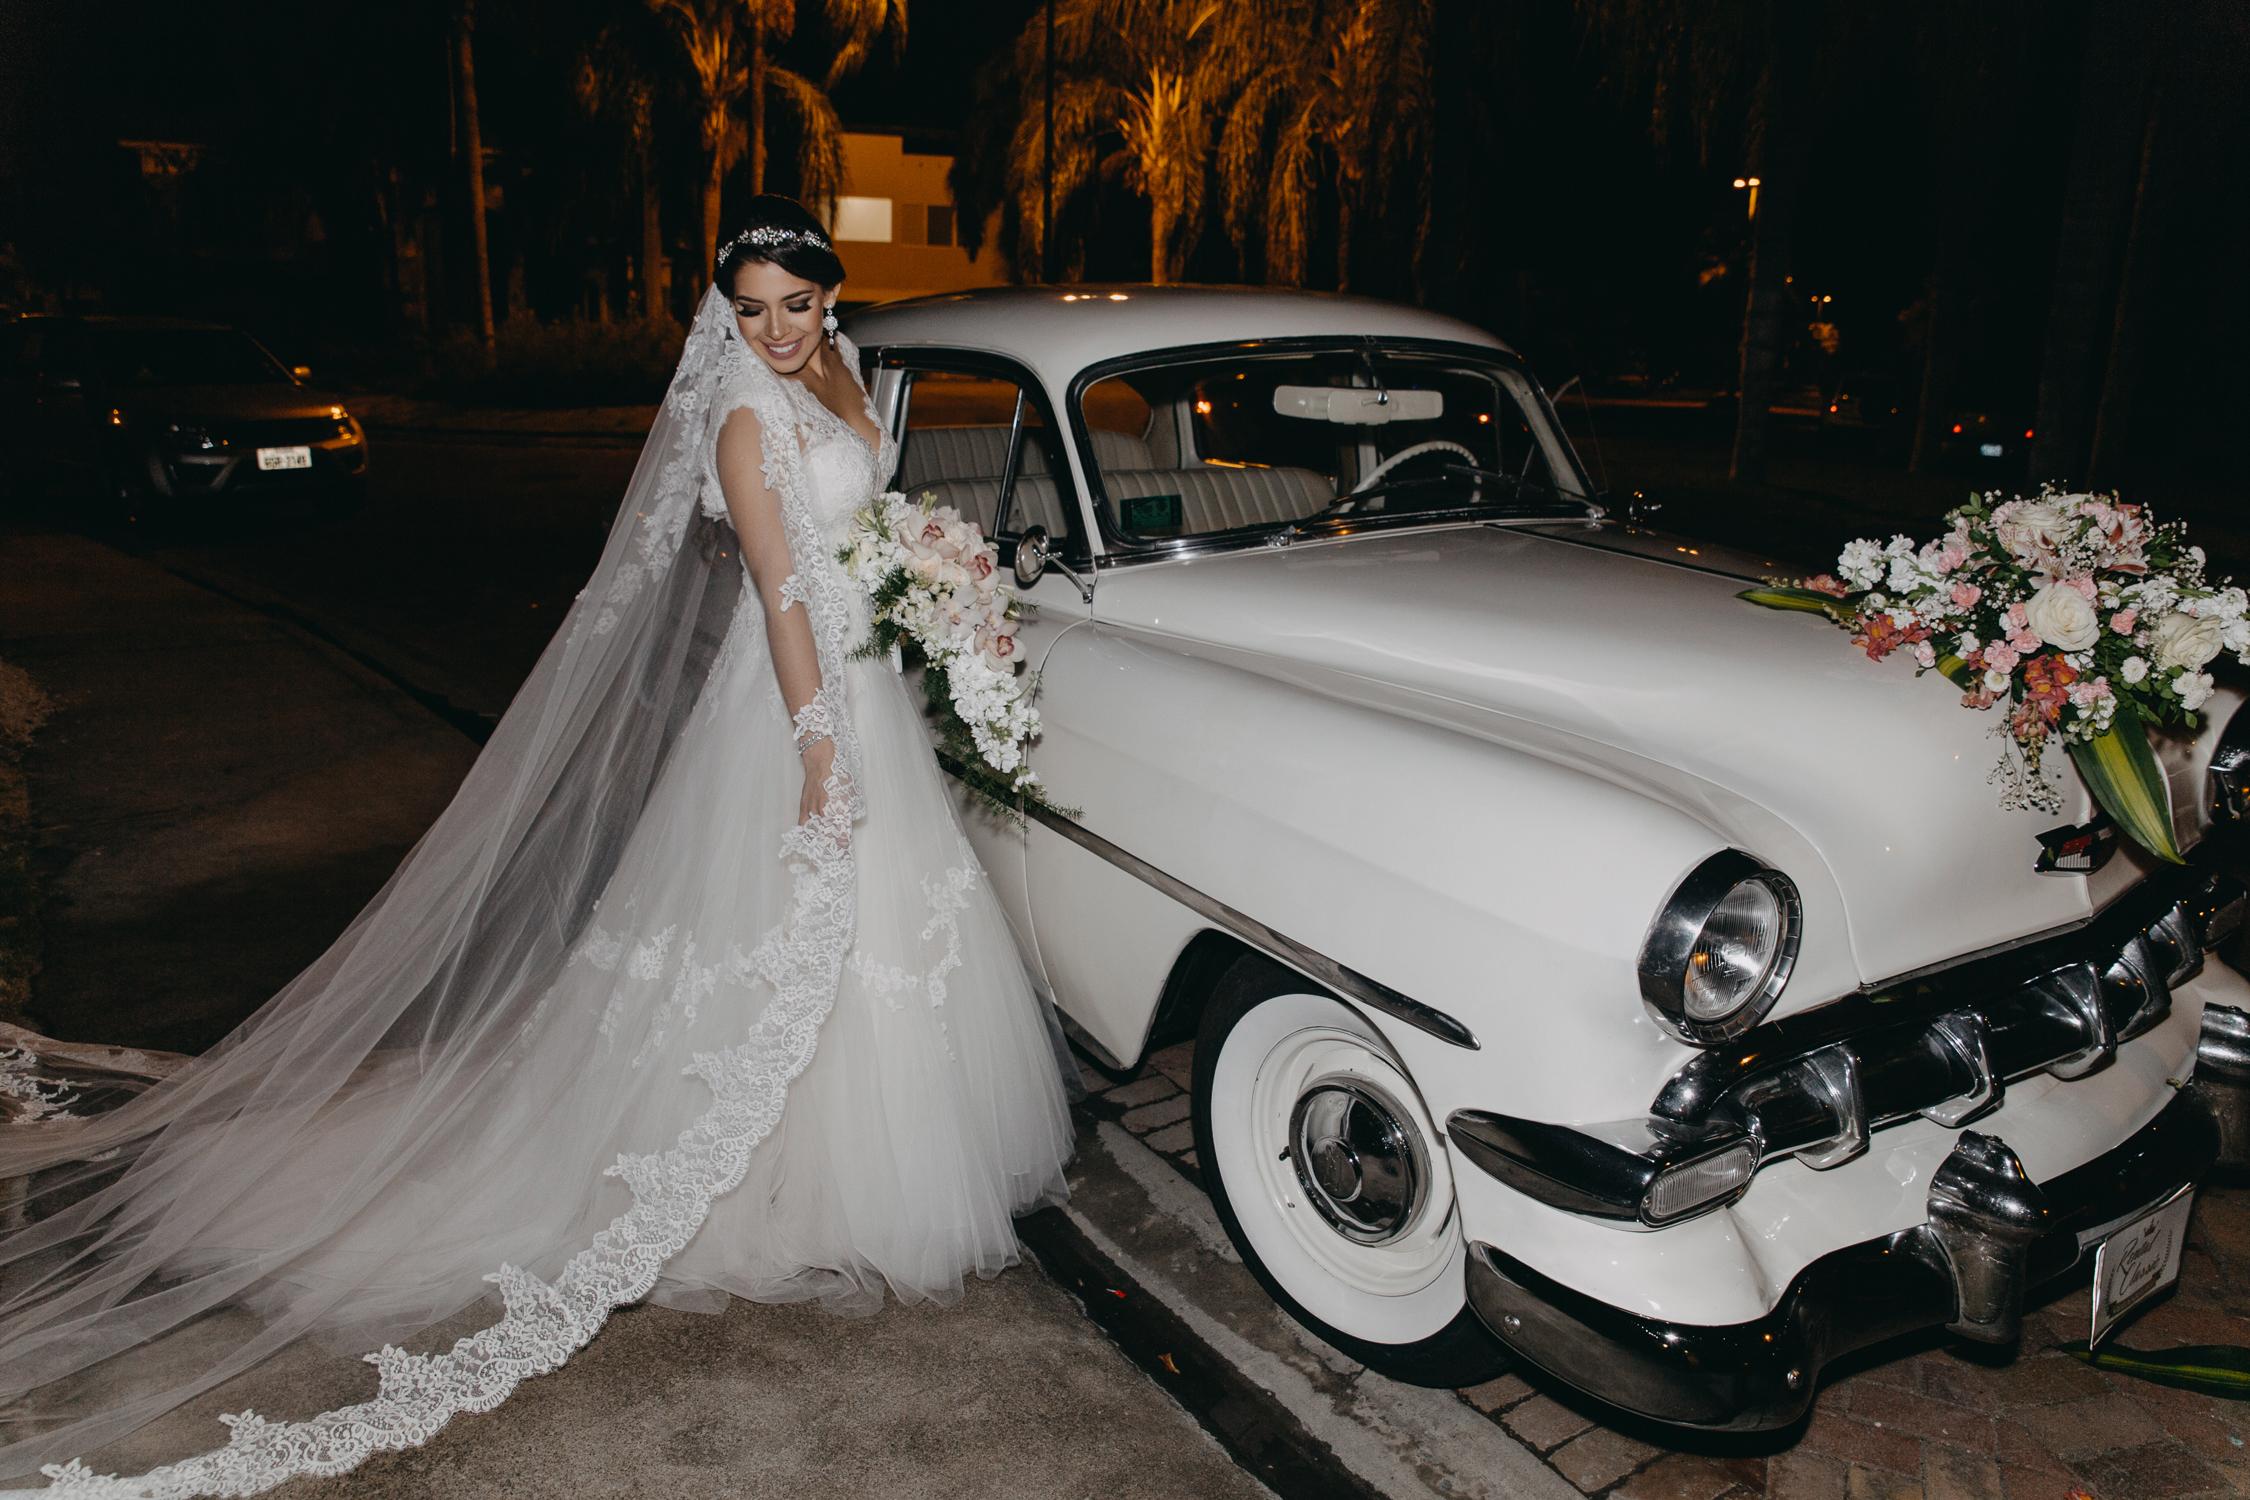 Michelle-Agurto-Fotografia-Bodas-Ecuador-Destination-Wedding-Photographer-Patricia-Guido-74.JPG